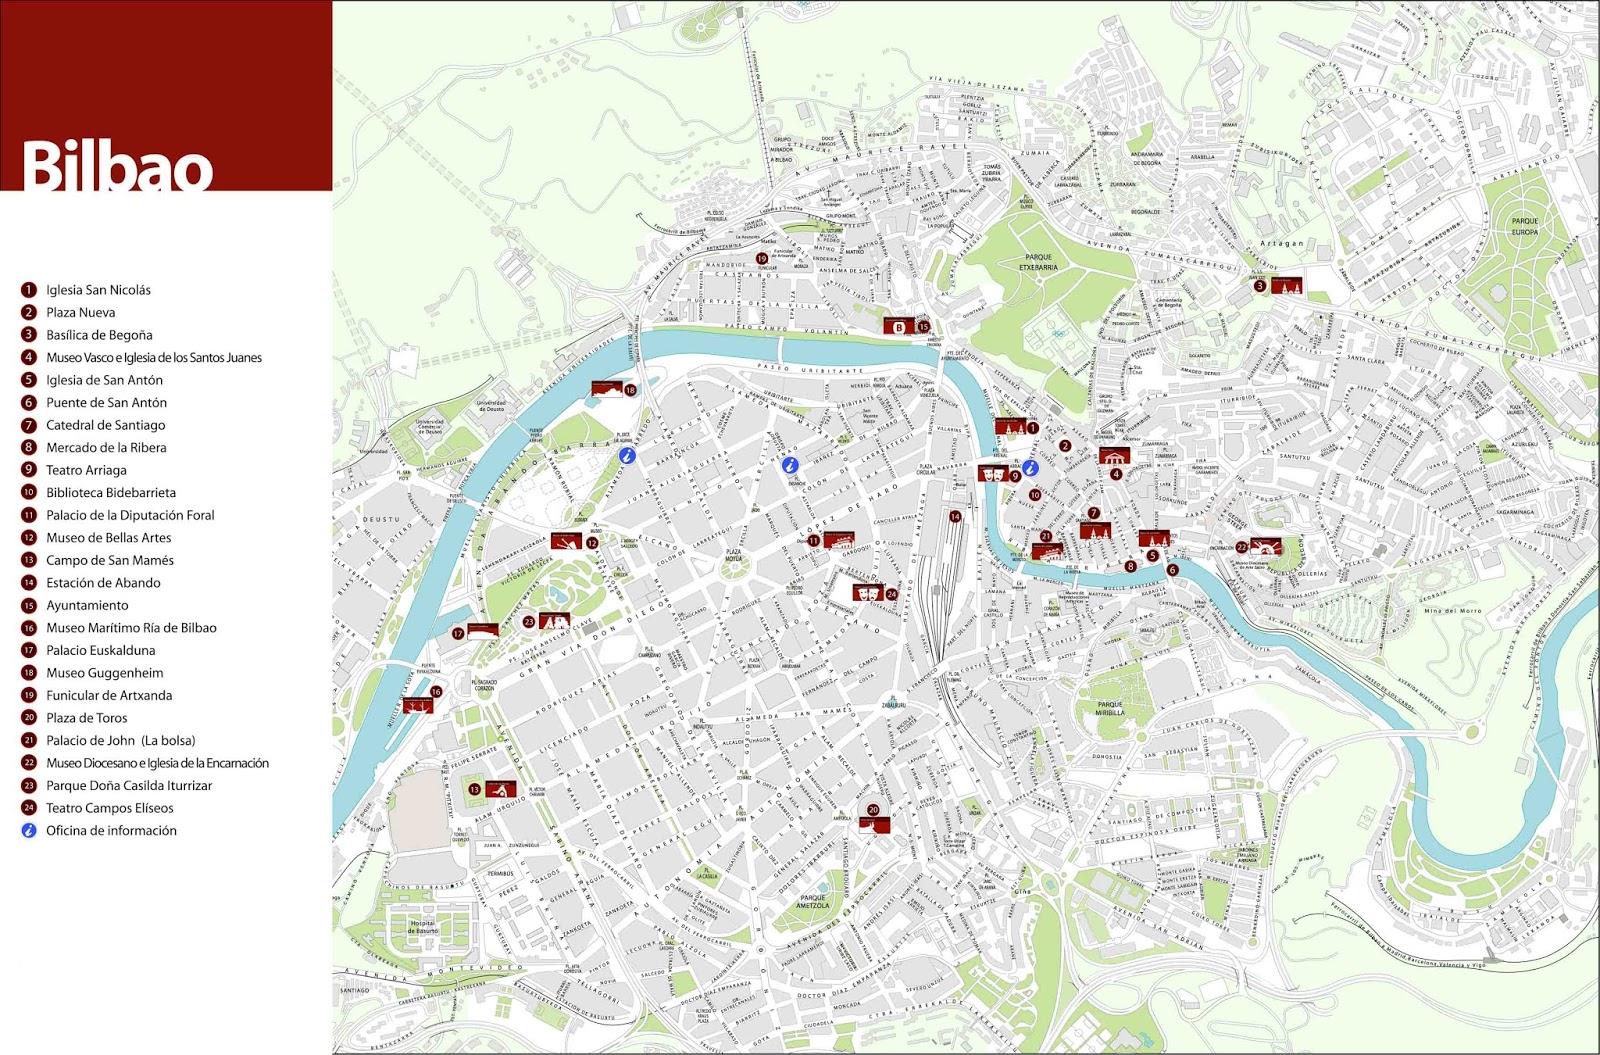 mapa de espanha bilbao Mapas de Bilbao   Espanha | MapasBlog mapa de espanha bilbao